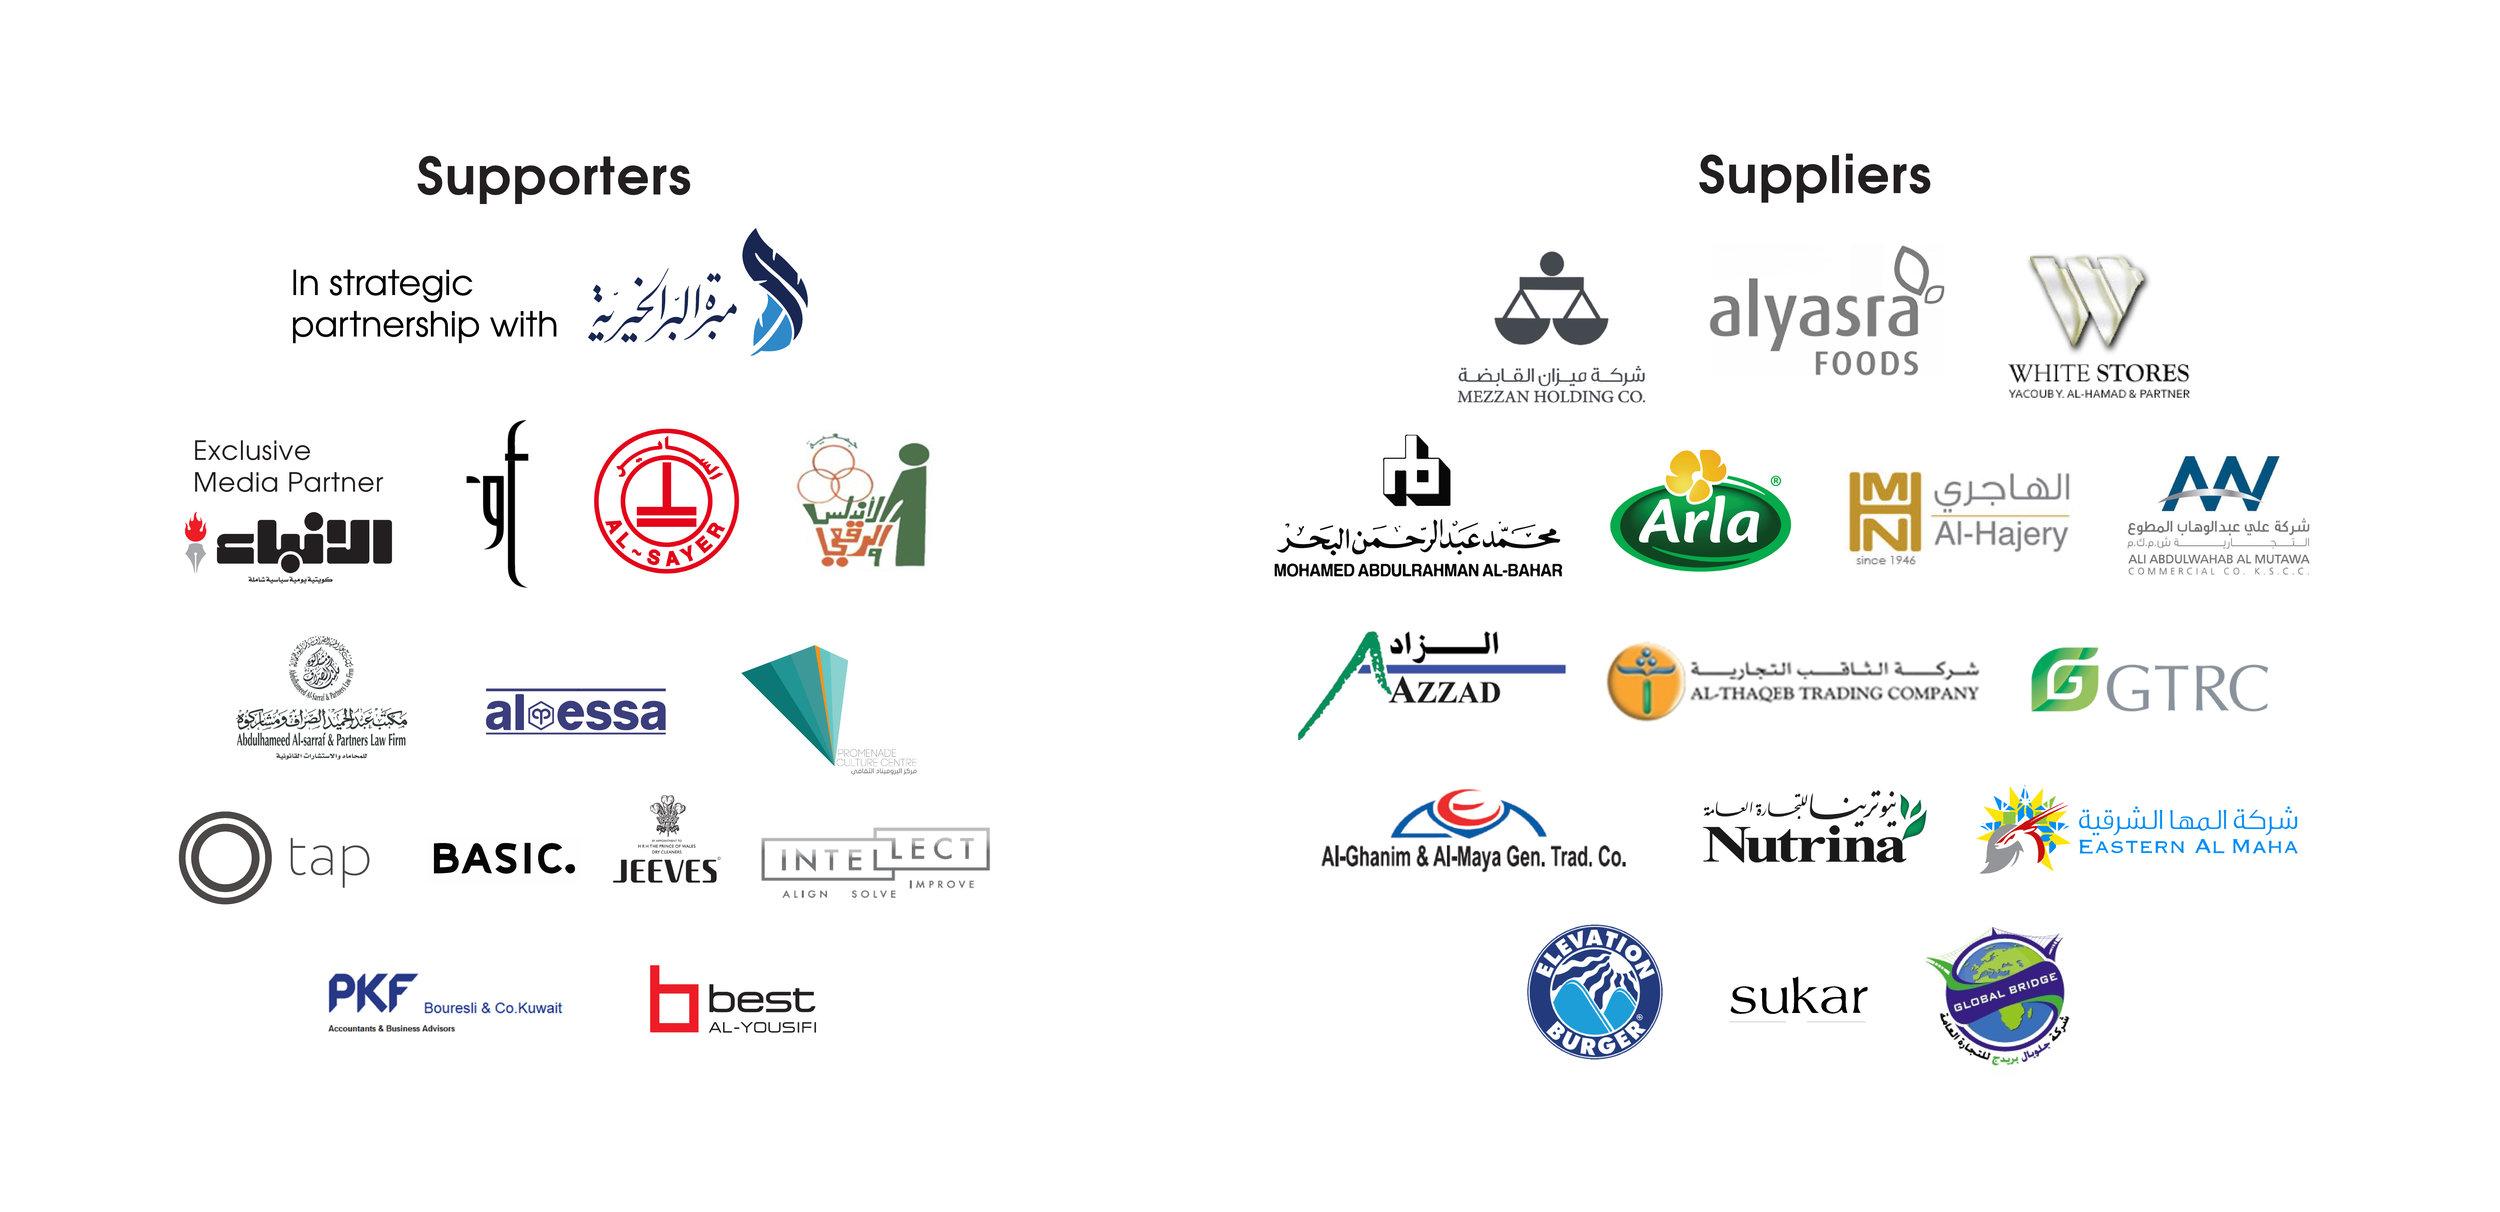 partners-n-suppliers.jpg